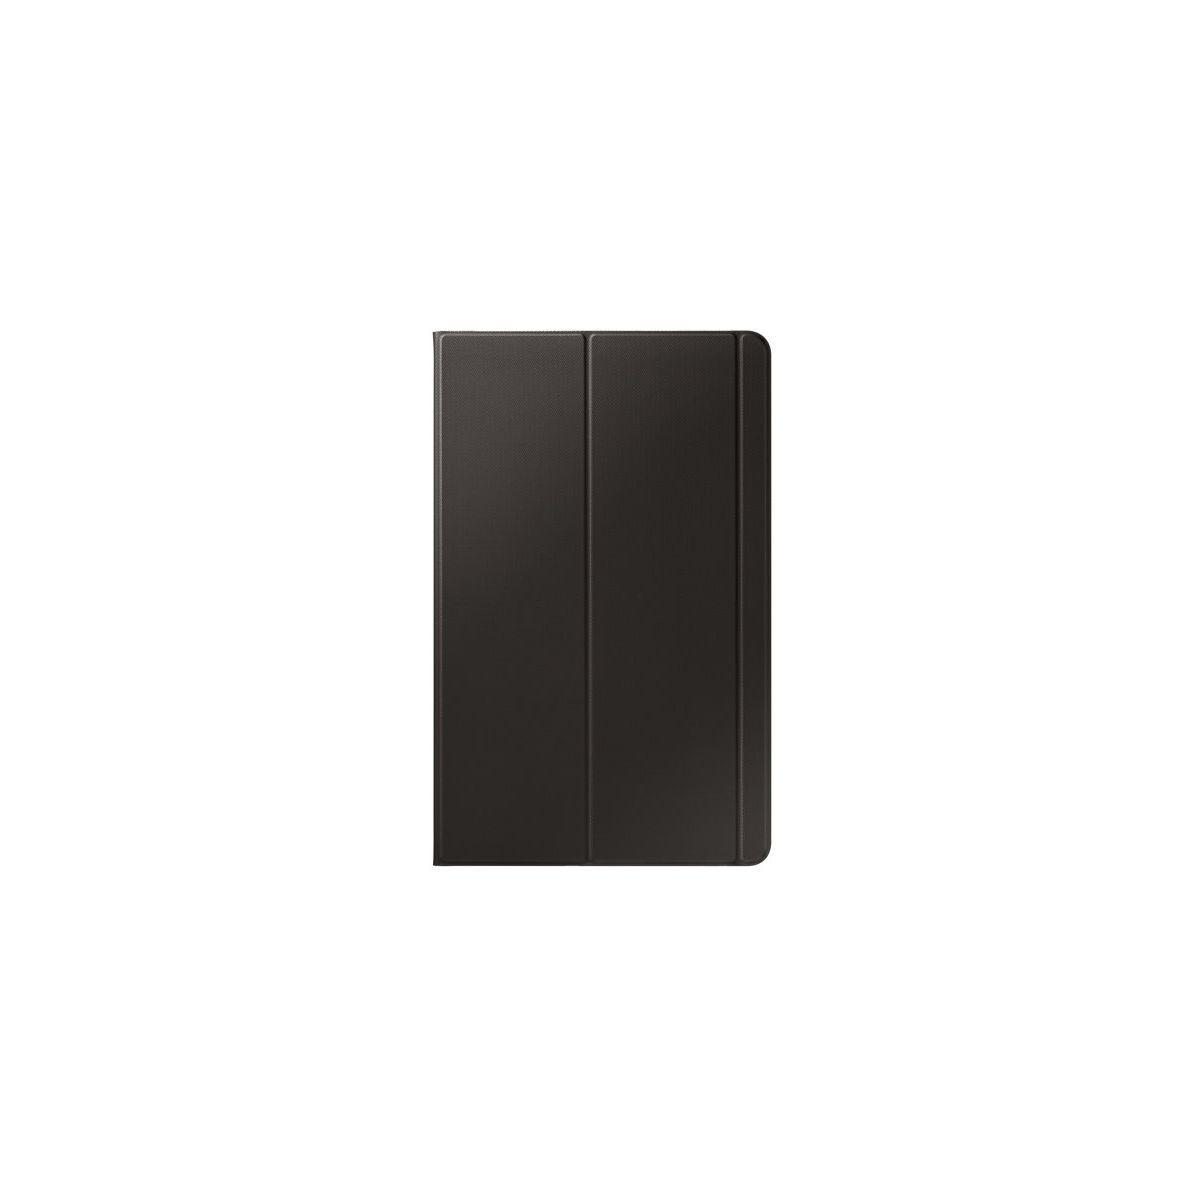 Etui tablette samsung tab a 10.5 noir (2018) (photo)